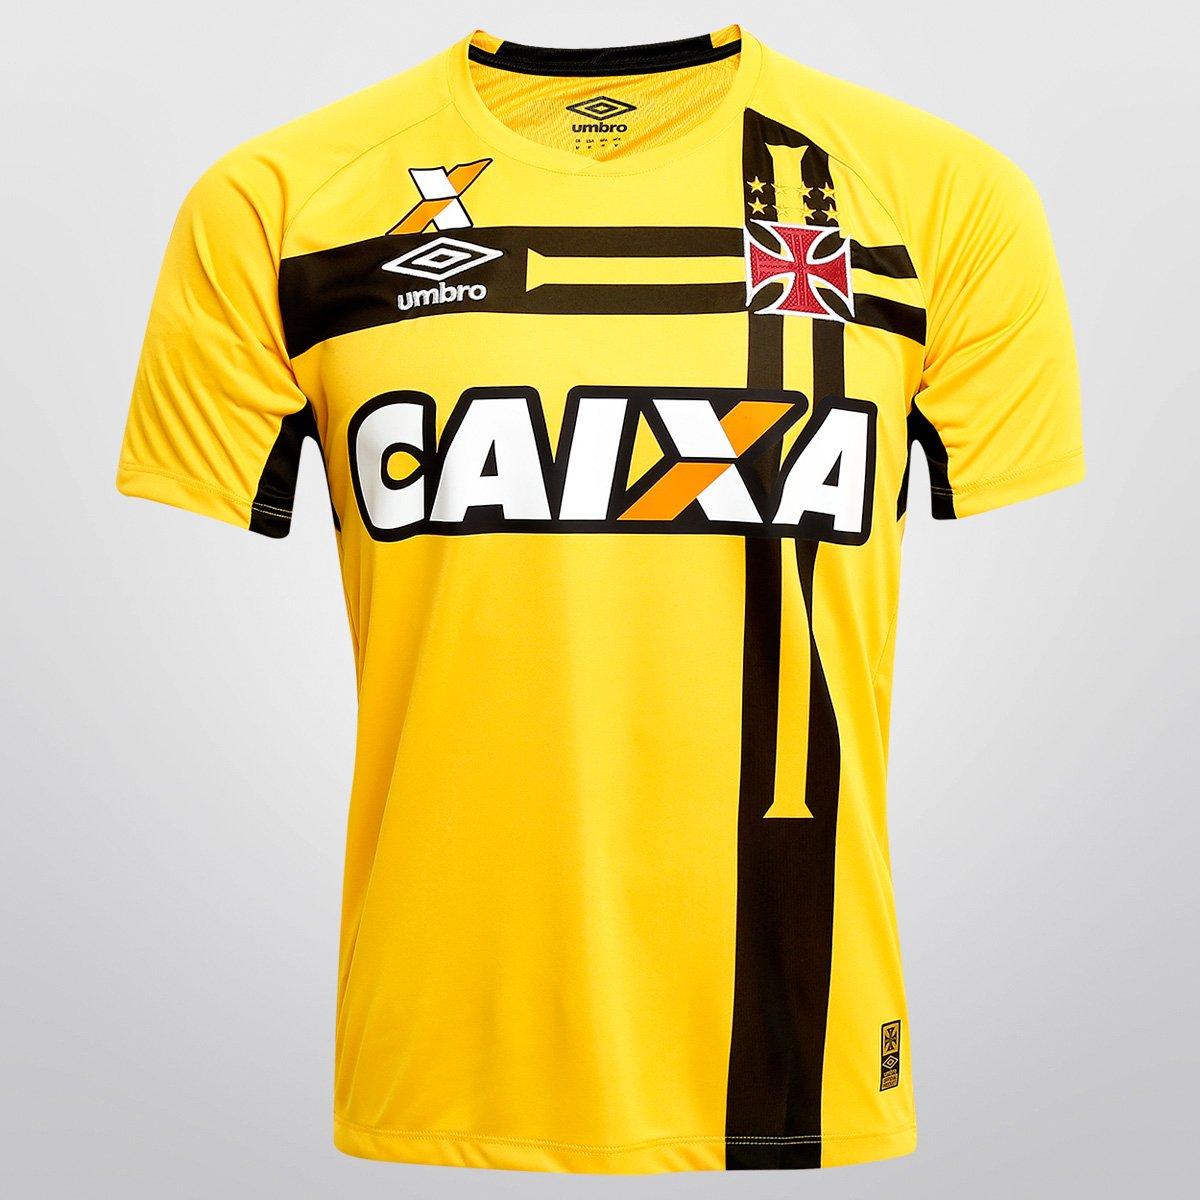 1b79d6cb3d Camisa Umbro Vasco Goleiro 2015 - Compre Agora